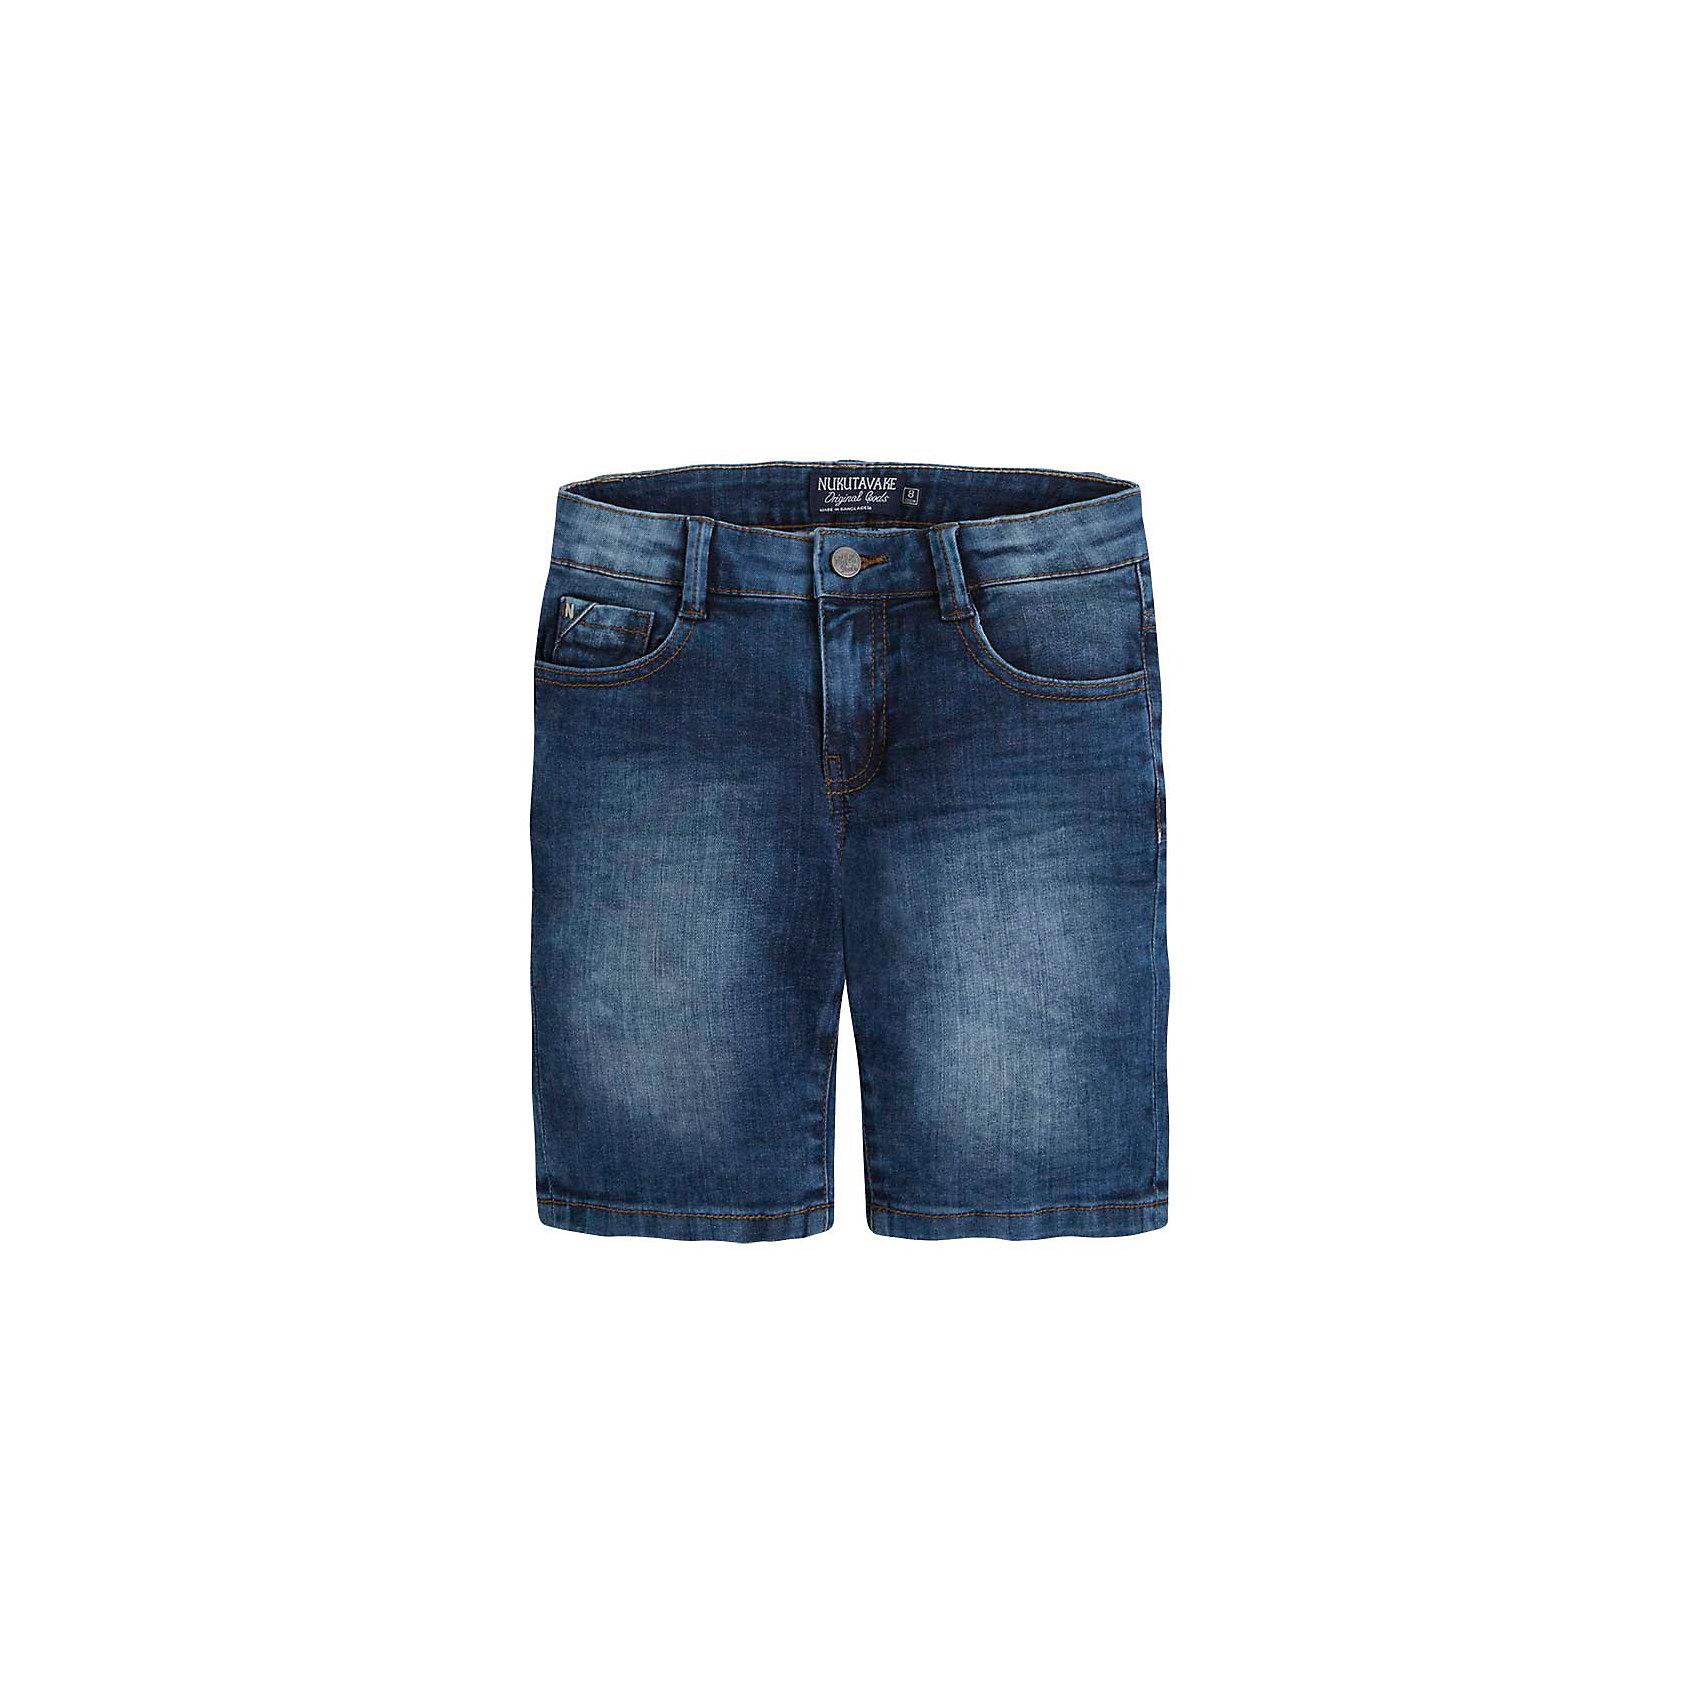 Шорты джинсовые для мальчика MayoralДжинсовая одежда<br>Шорты  для мальчика от известной испанской марки Mayoral займут достойное место в гардеробе ребенка. <br><br>Дополнительная информация:<br><br>- Прямой крой брючин.<br>- Тип застежки: молния, пуговица. <br>- 5 классических карманов.<br>- Декоративные потертости<br>- Регулировка на талии.<br>- Отстрочка на задних карманах. <br>- Состав: 99% хлопок, 1% эластан.<br><br>Шорты  для мальчика Mayoral (Майорал) можно купить в нашем магазине.<br><br>Ширина мм: 191<br>Глубина мм: 10<br>Высота мм: 175<br>Вес г: 273<br>Цвет: синий<br>Возраст от месяцев: 84<br>Возраст до месяцев: 96<br>Пол: Мужской<br>Возраст: Детский<br>Размер: 128,164,140,158,152<br>SKU: 4538390